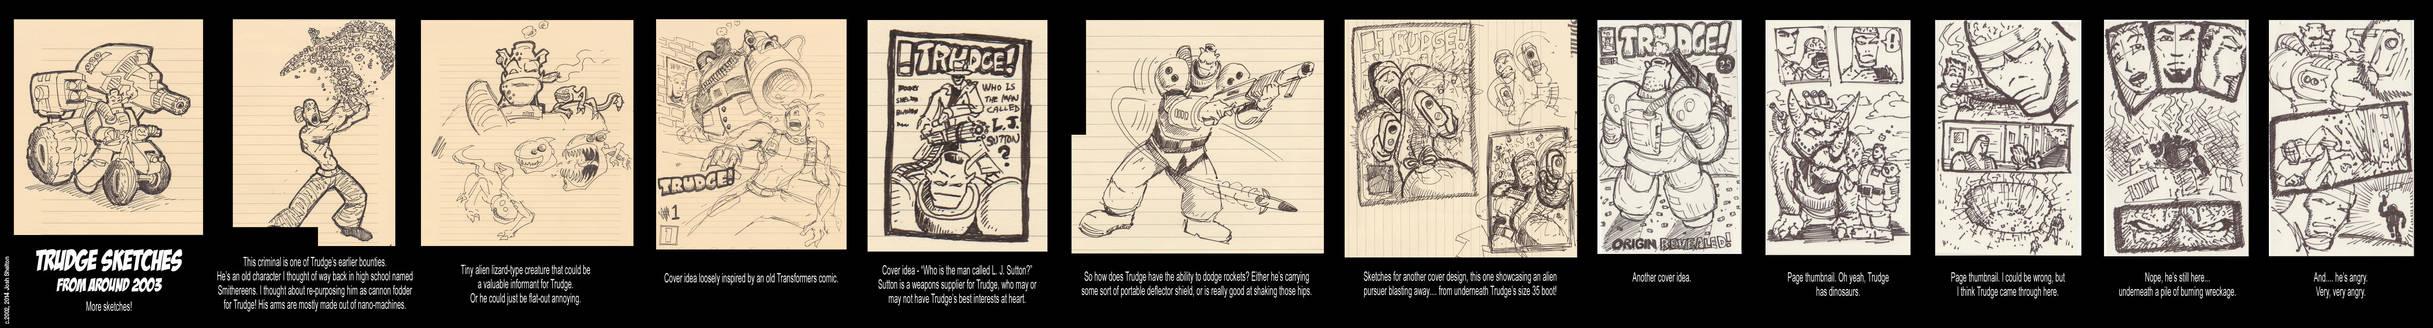 More Trudge sketches!